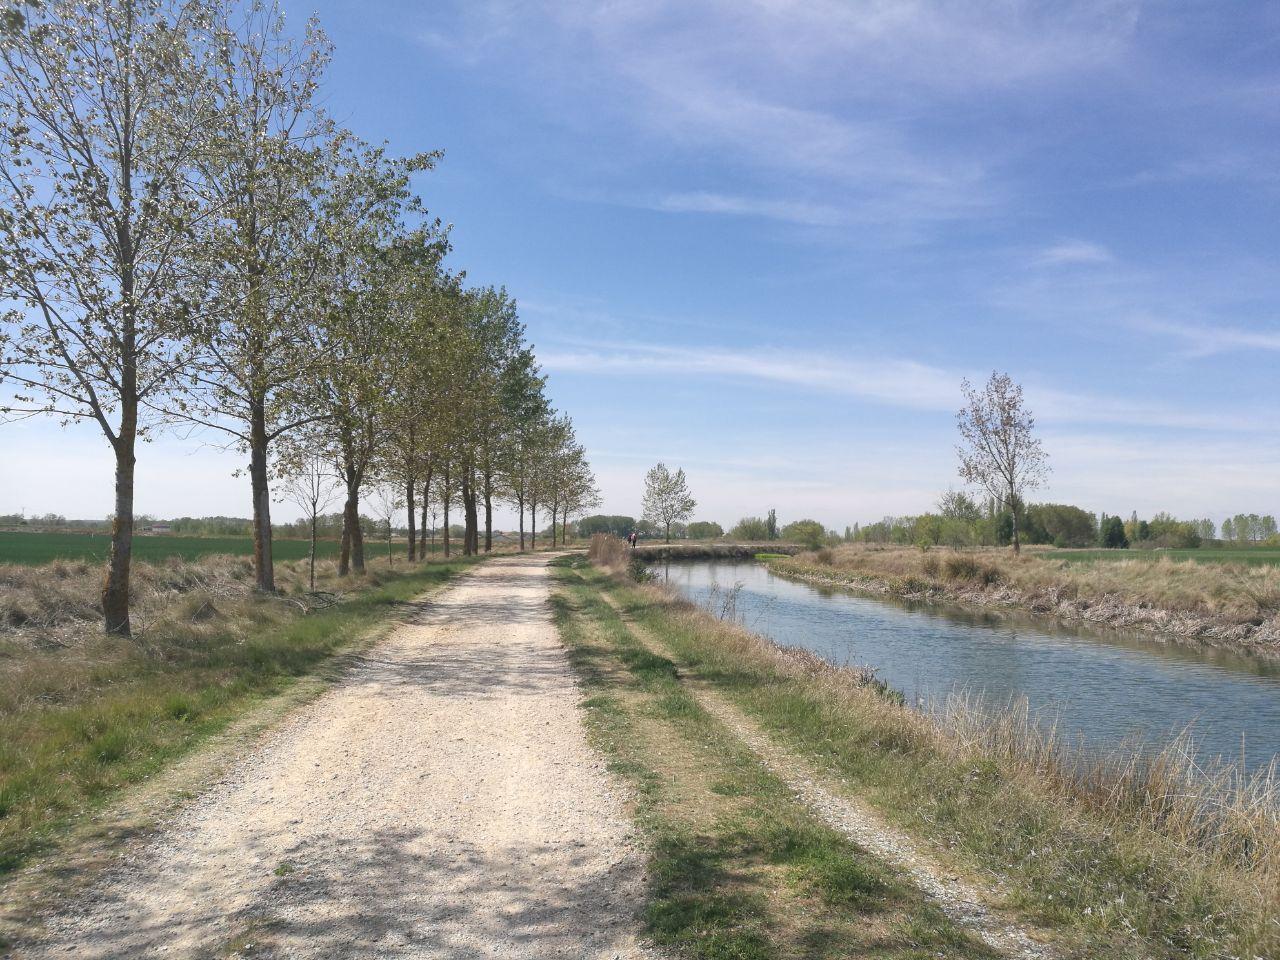 Il cammino di santiago in mountain bike il racconto - Cammino di santiago cosa portare ...